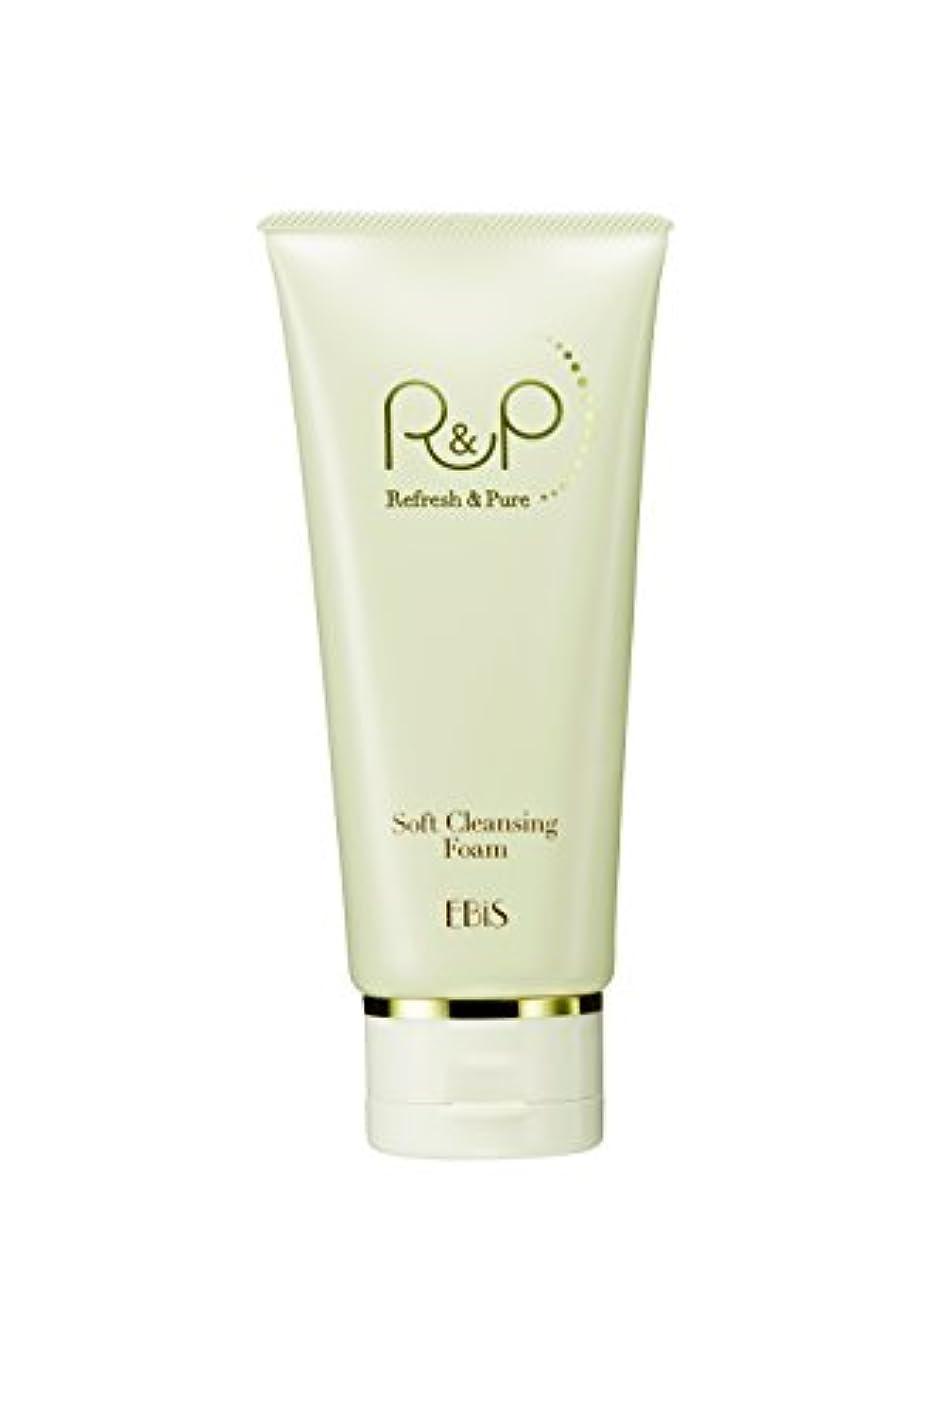 すみませんインターネット乳エビス化粧品(EBiS) R&Pソフトクレンジングフォーム100g 泥洗顔 洗顔フォーム 高級クレイ使用 ノンアルコール